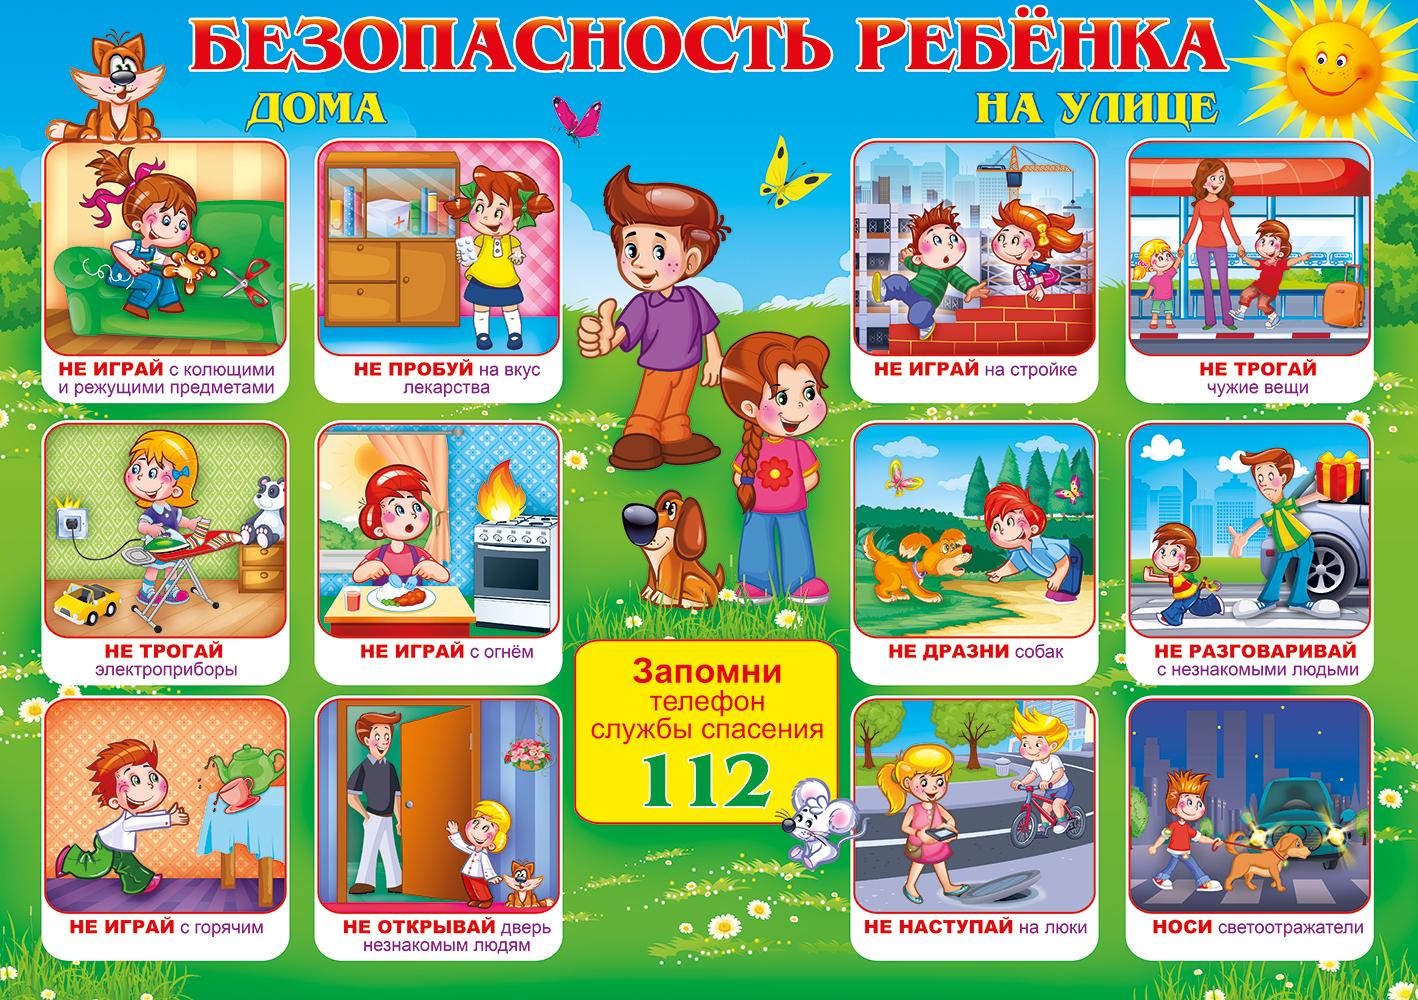 Картинки по технике безопасности для детей в школе